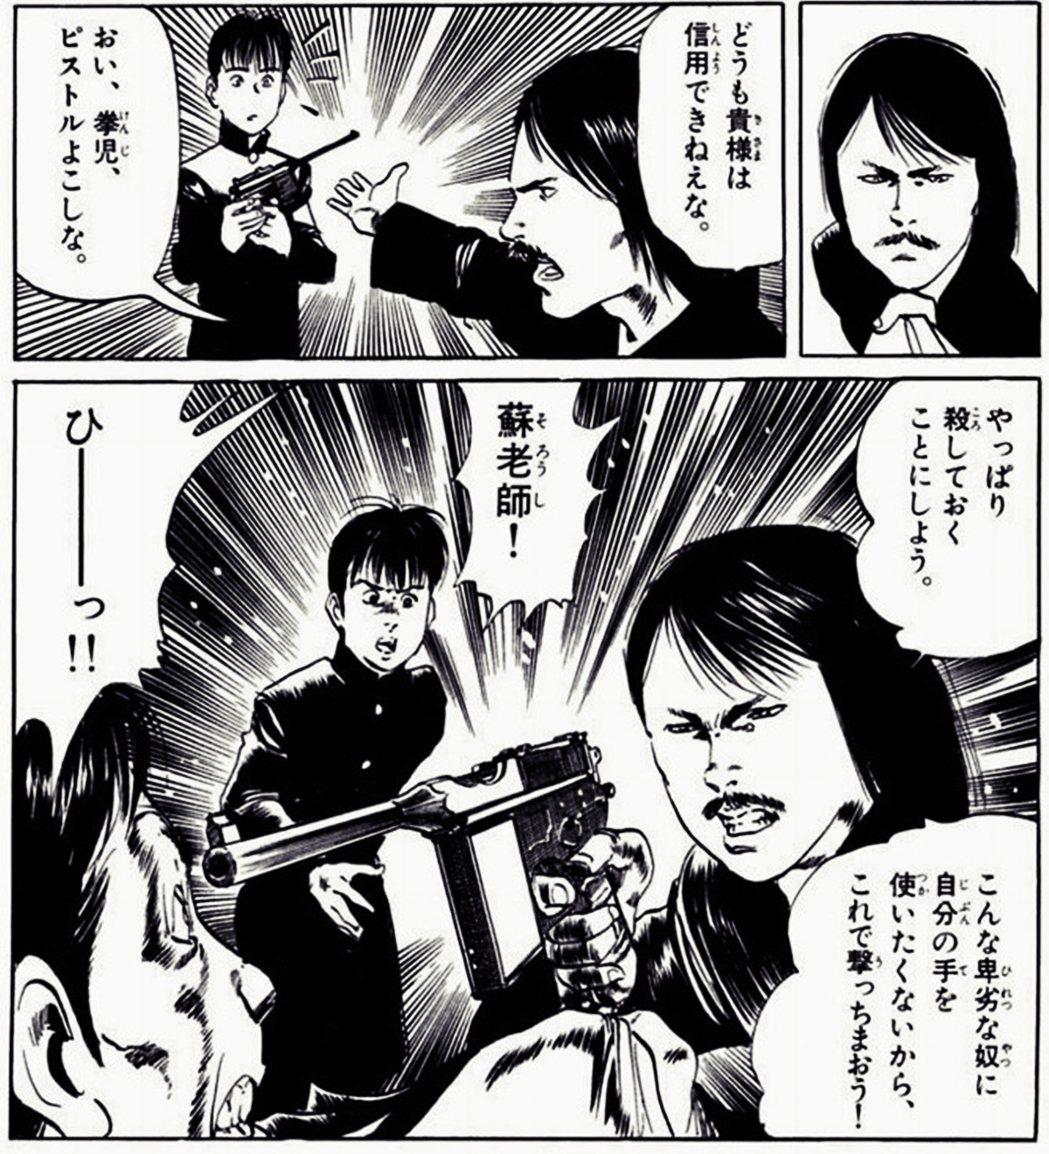 拳兒在漫畫裡學的是八極拳,來台灣之後第一個遇到的老師叫蘇崑崙。蘇崑崙的原型是台灣...